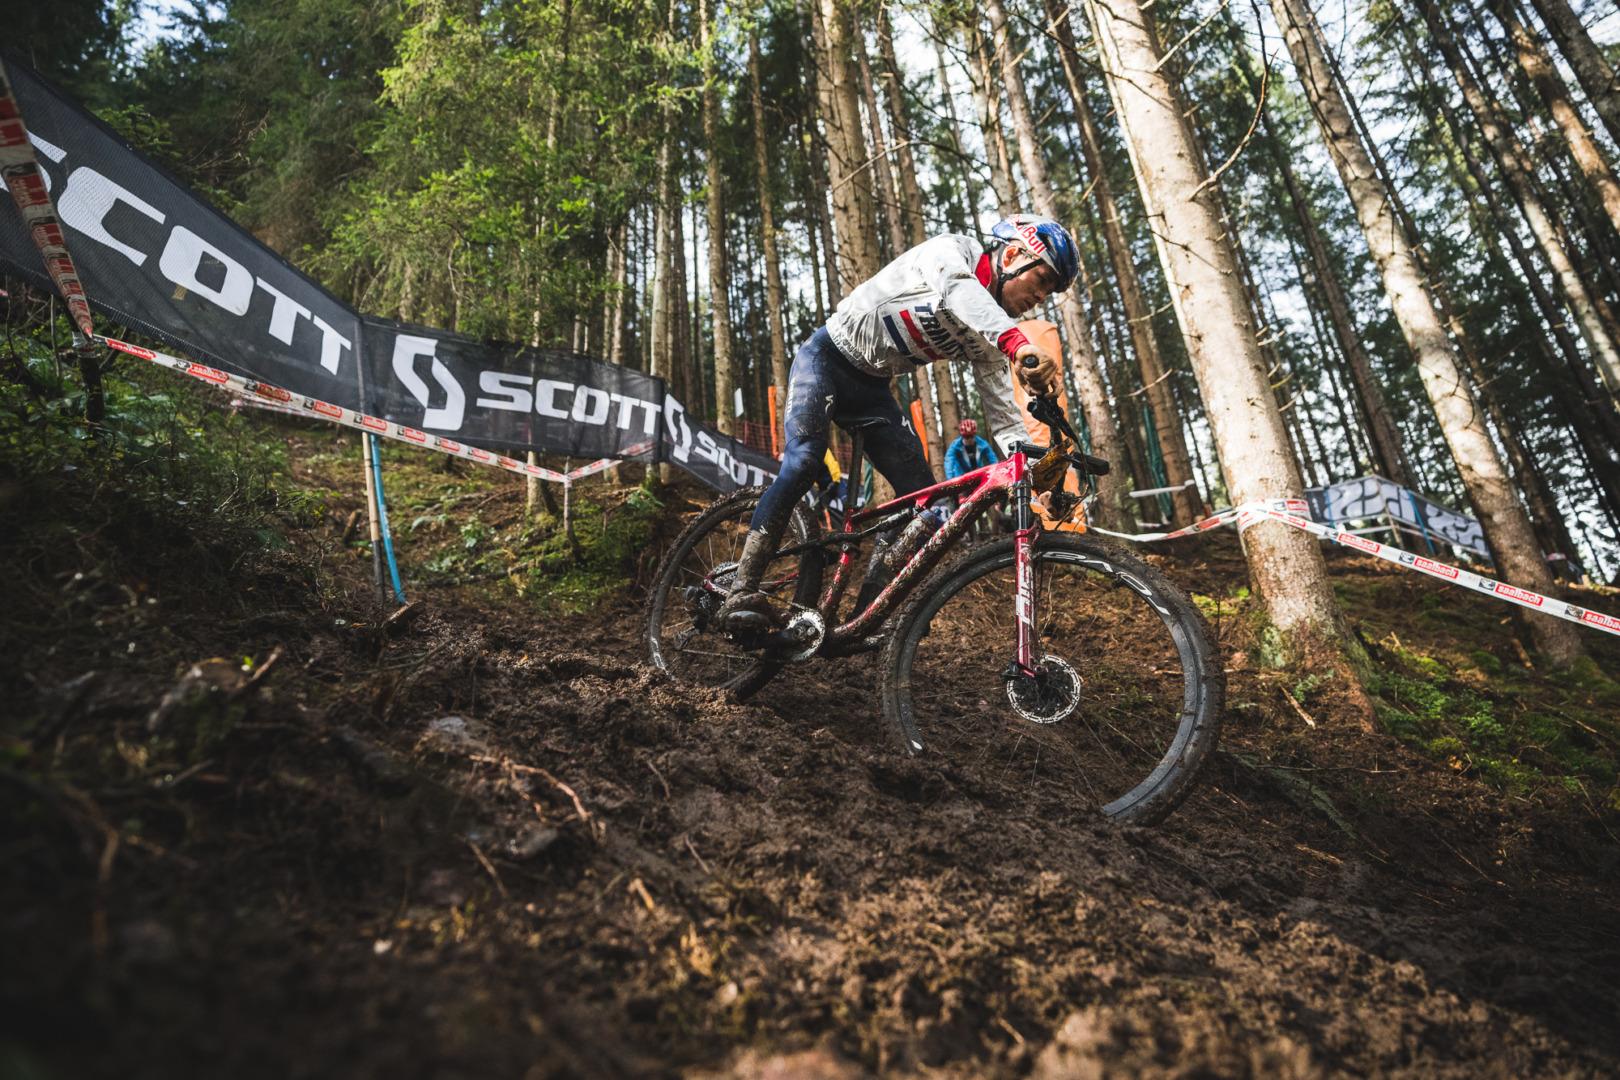 Pierwszy dzień Mistrzostw Świata w kolarstwie górskim 2020 dla Francji i Wielkiej Brytanii